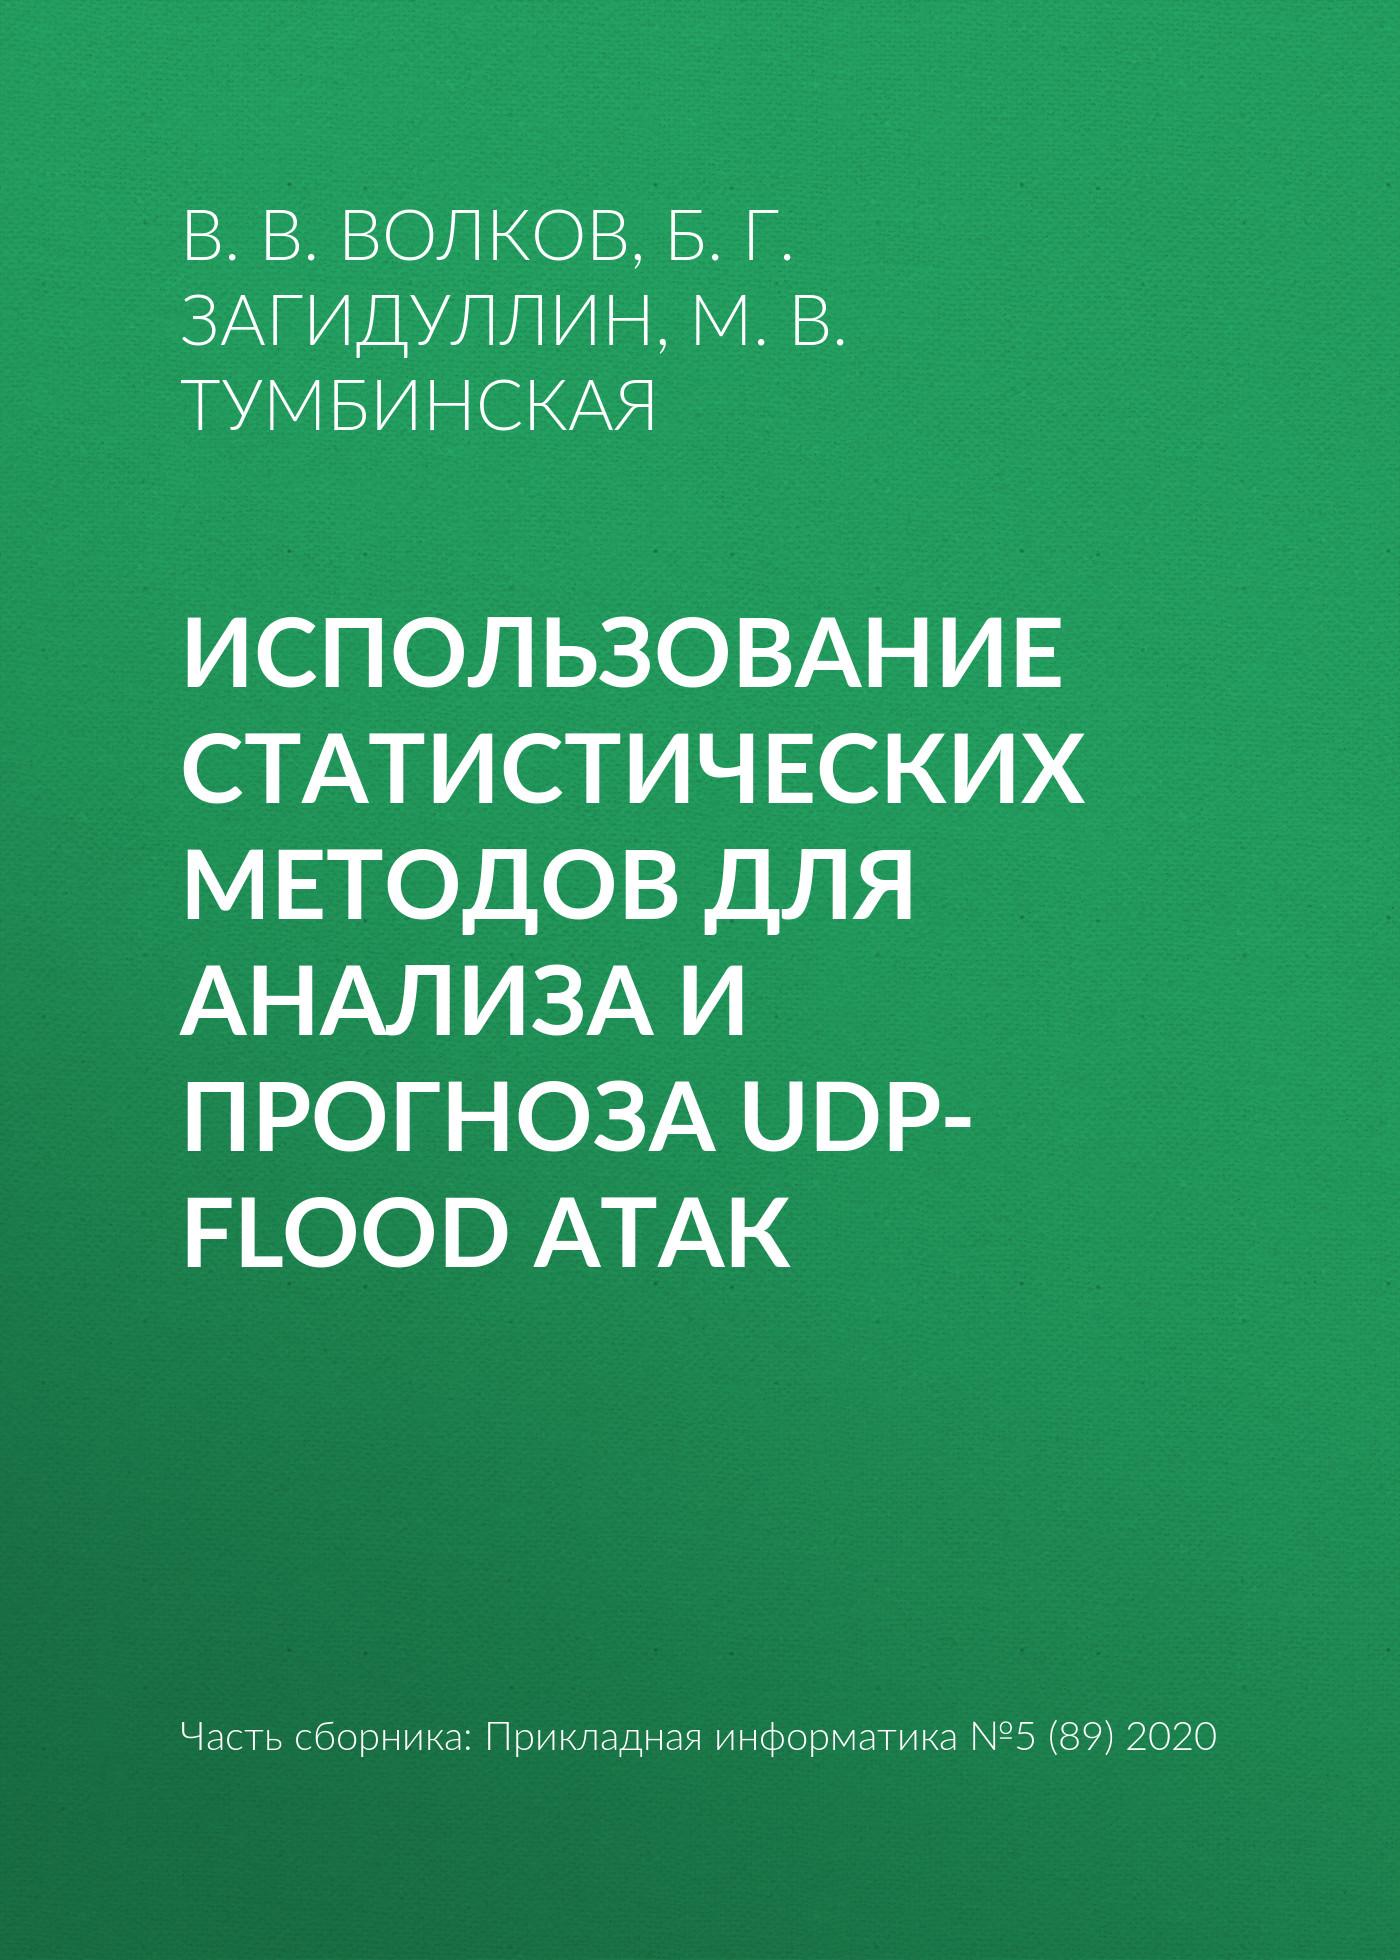 Купить книгу Использование статистических методов для анализа и прогноза UDP-flood атак, автора В. В. Волкова